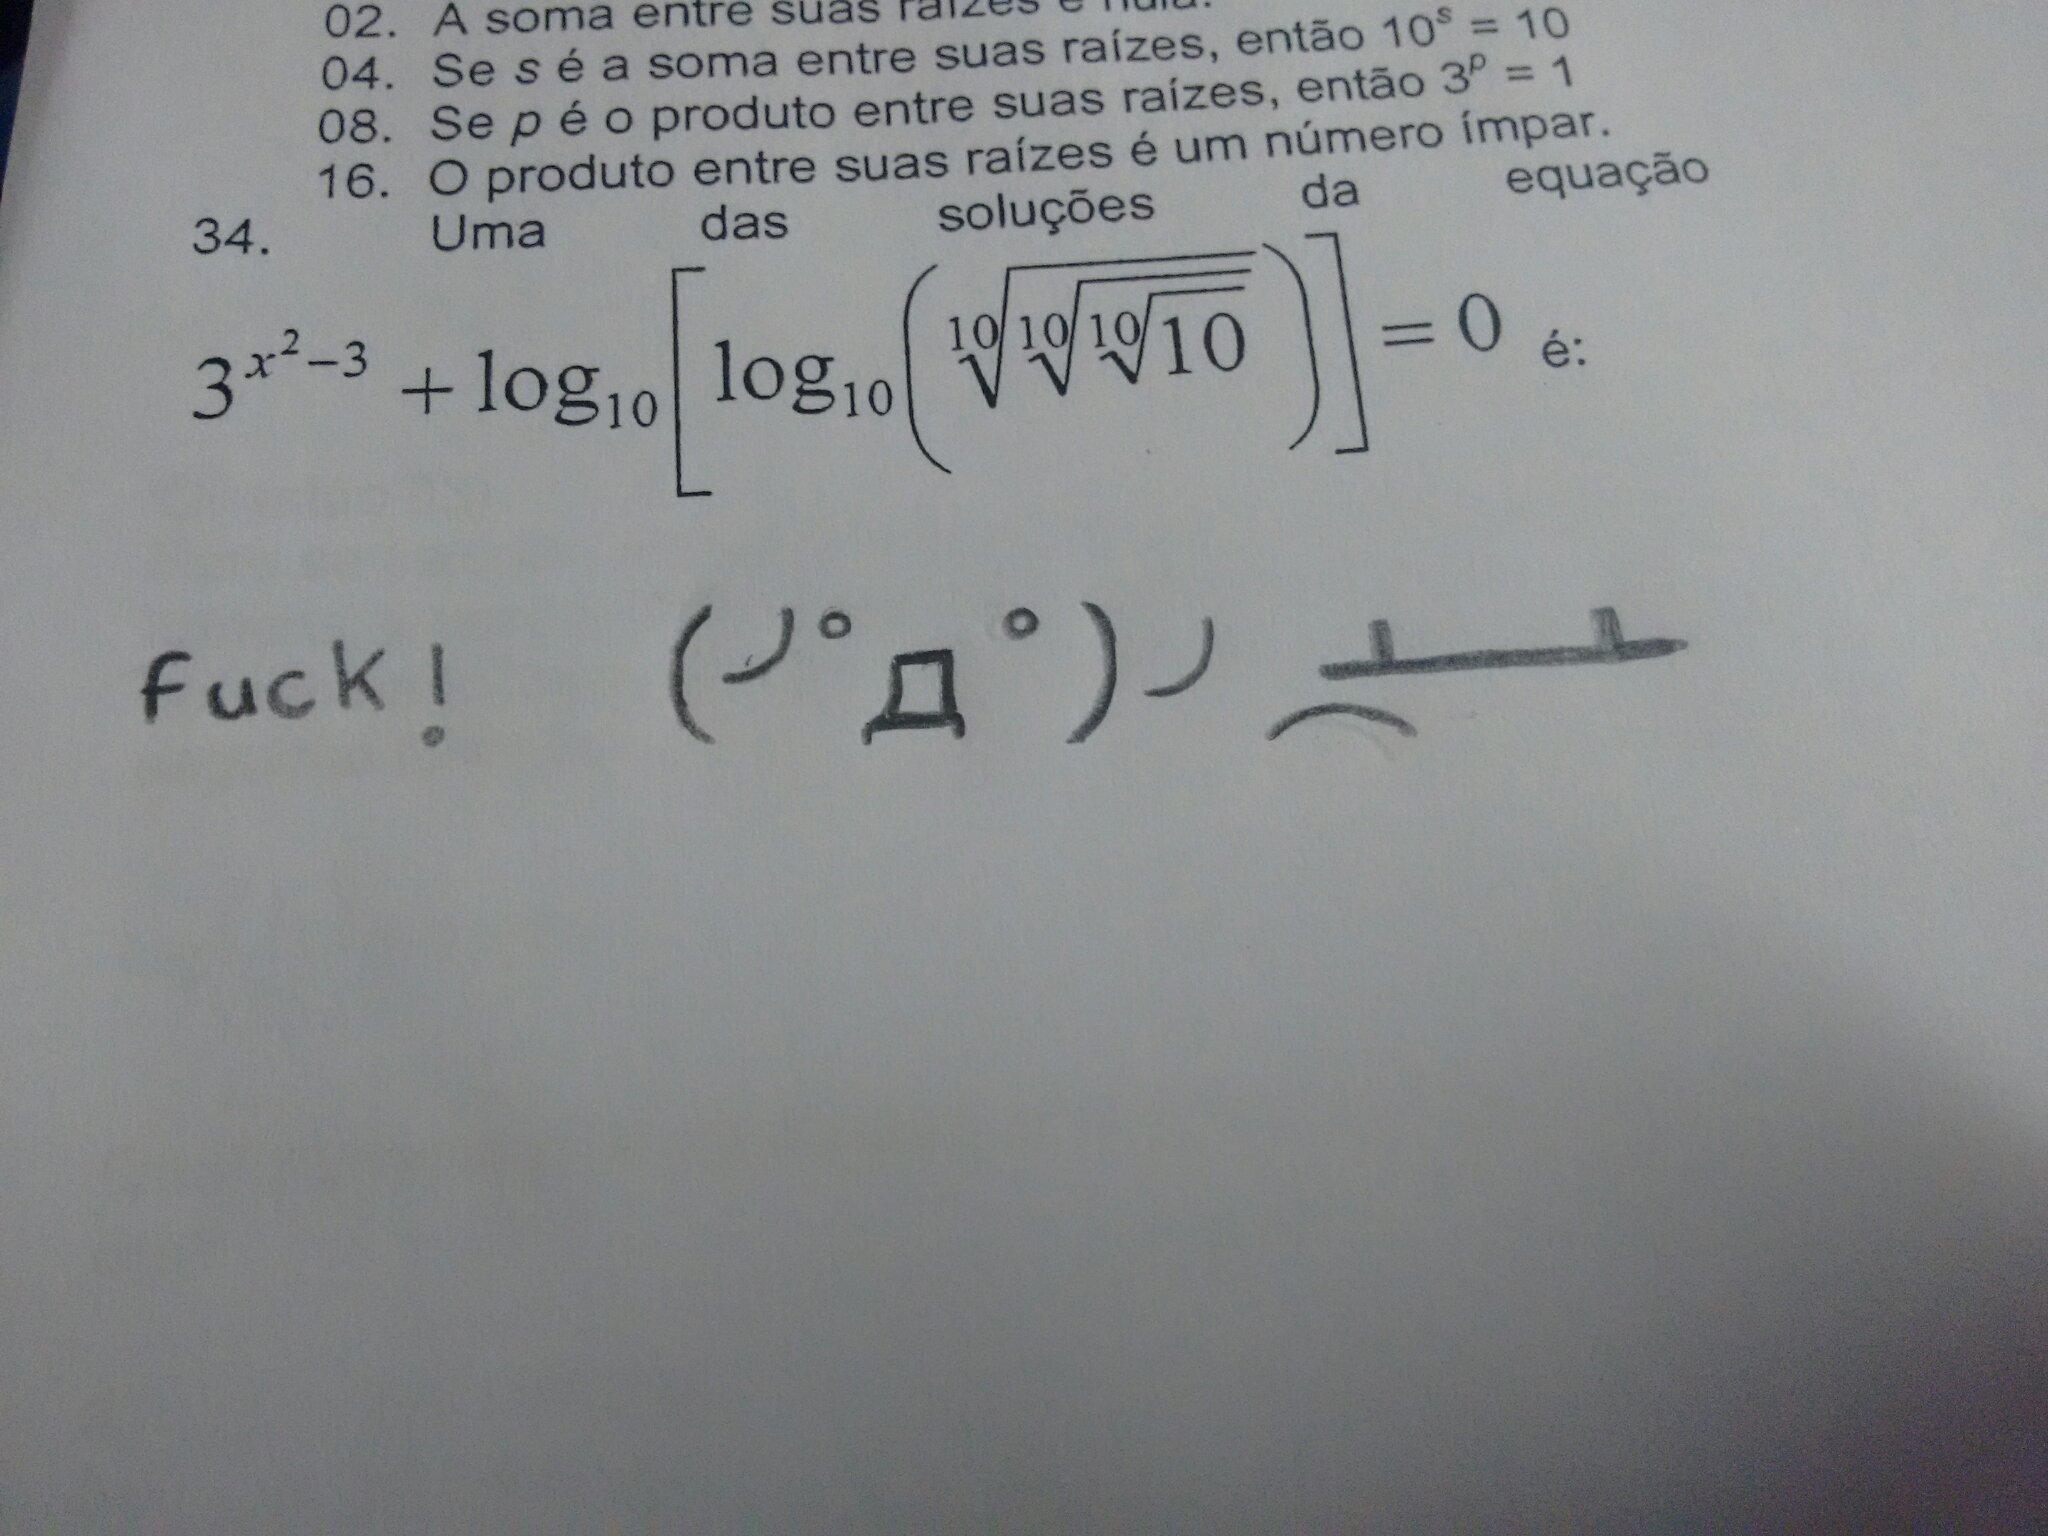 Matematica fudendo nossas vidas desde sempre - meme